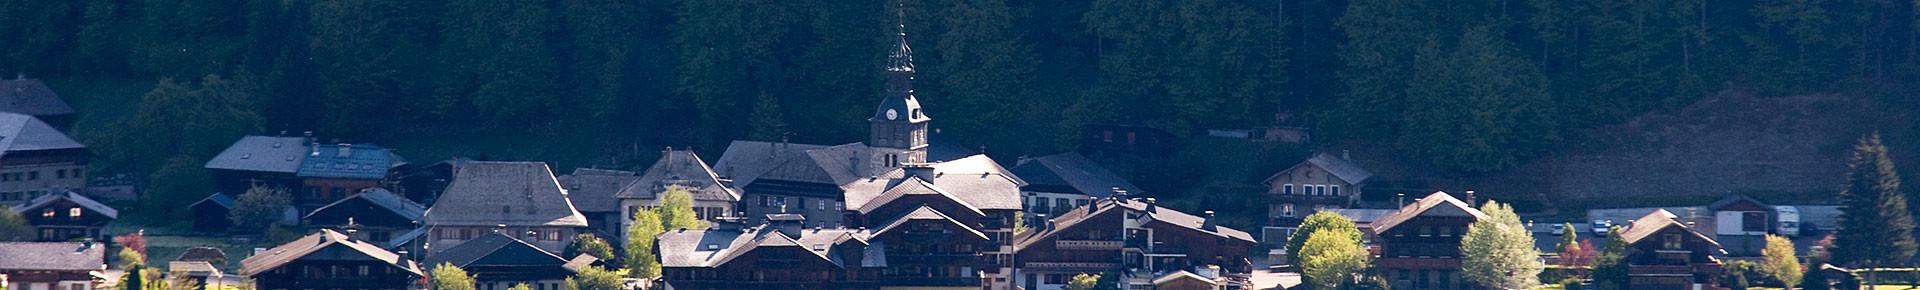 Village de Montriond